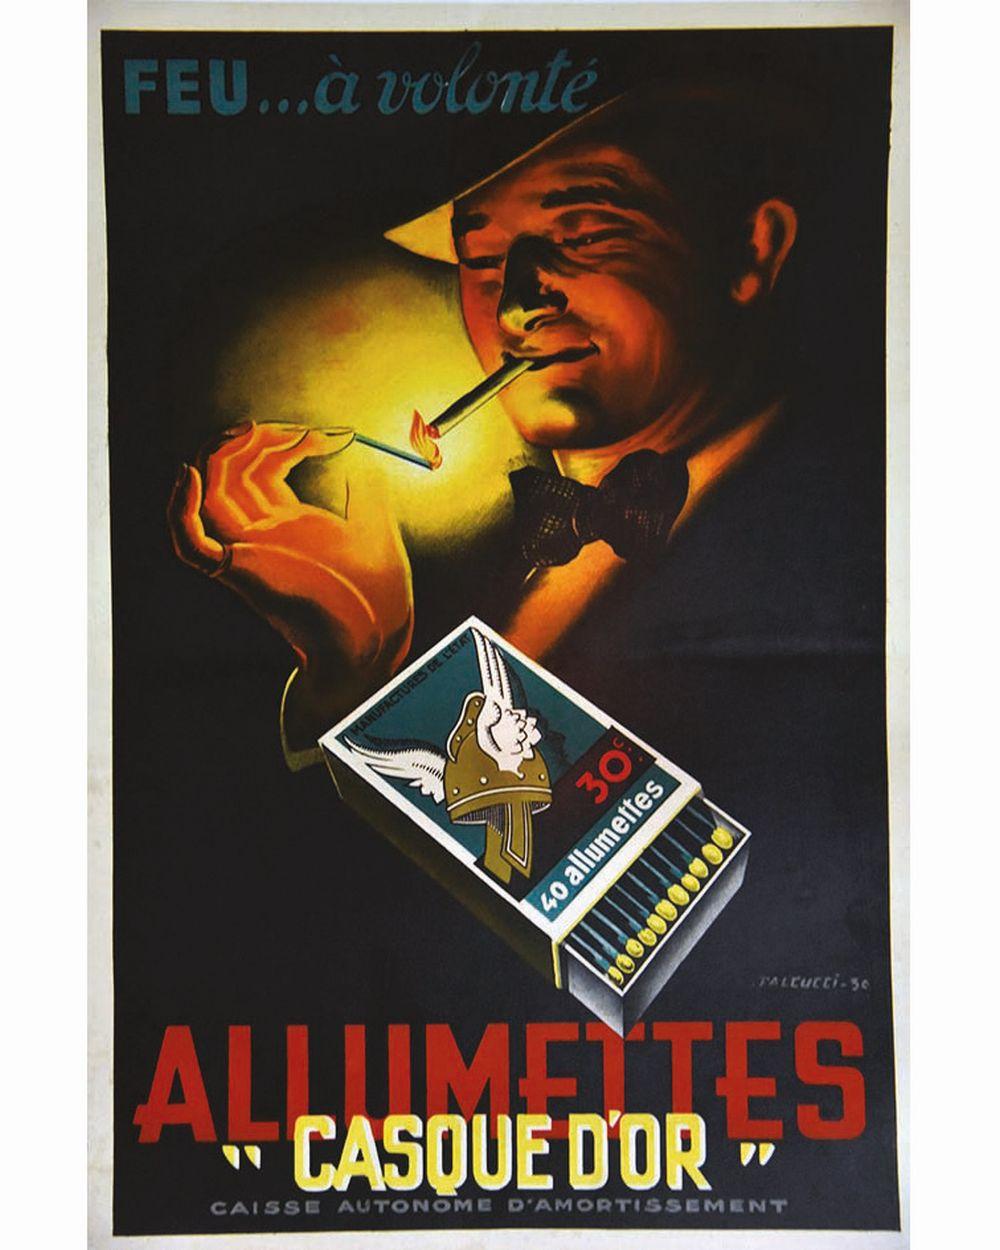 FALCUCCI - Allumettes Casque D'Or     1936